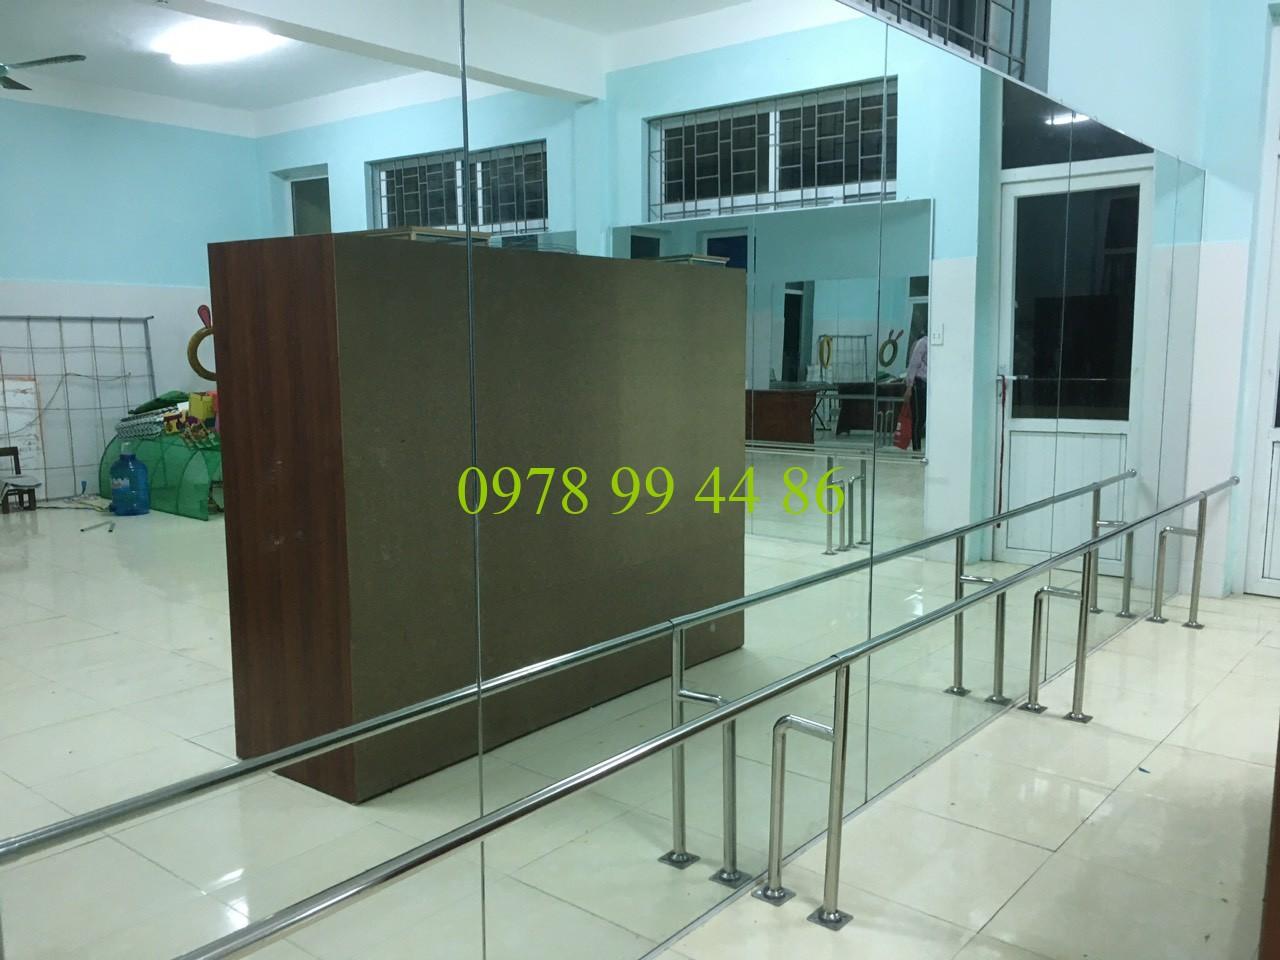 Gương phòng tập 465452 Chuyên gương phòng tập gym,yoga,zumba,múa chính hãng